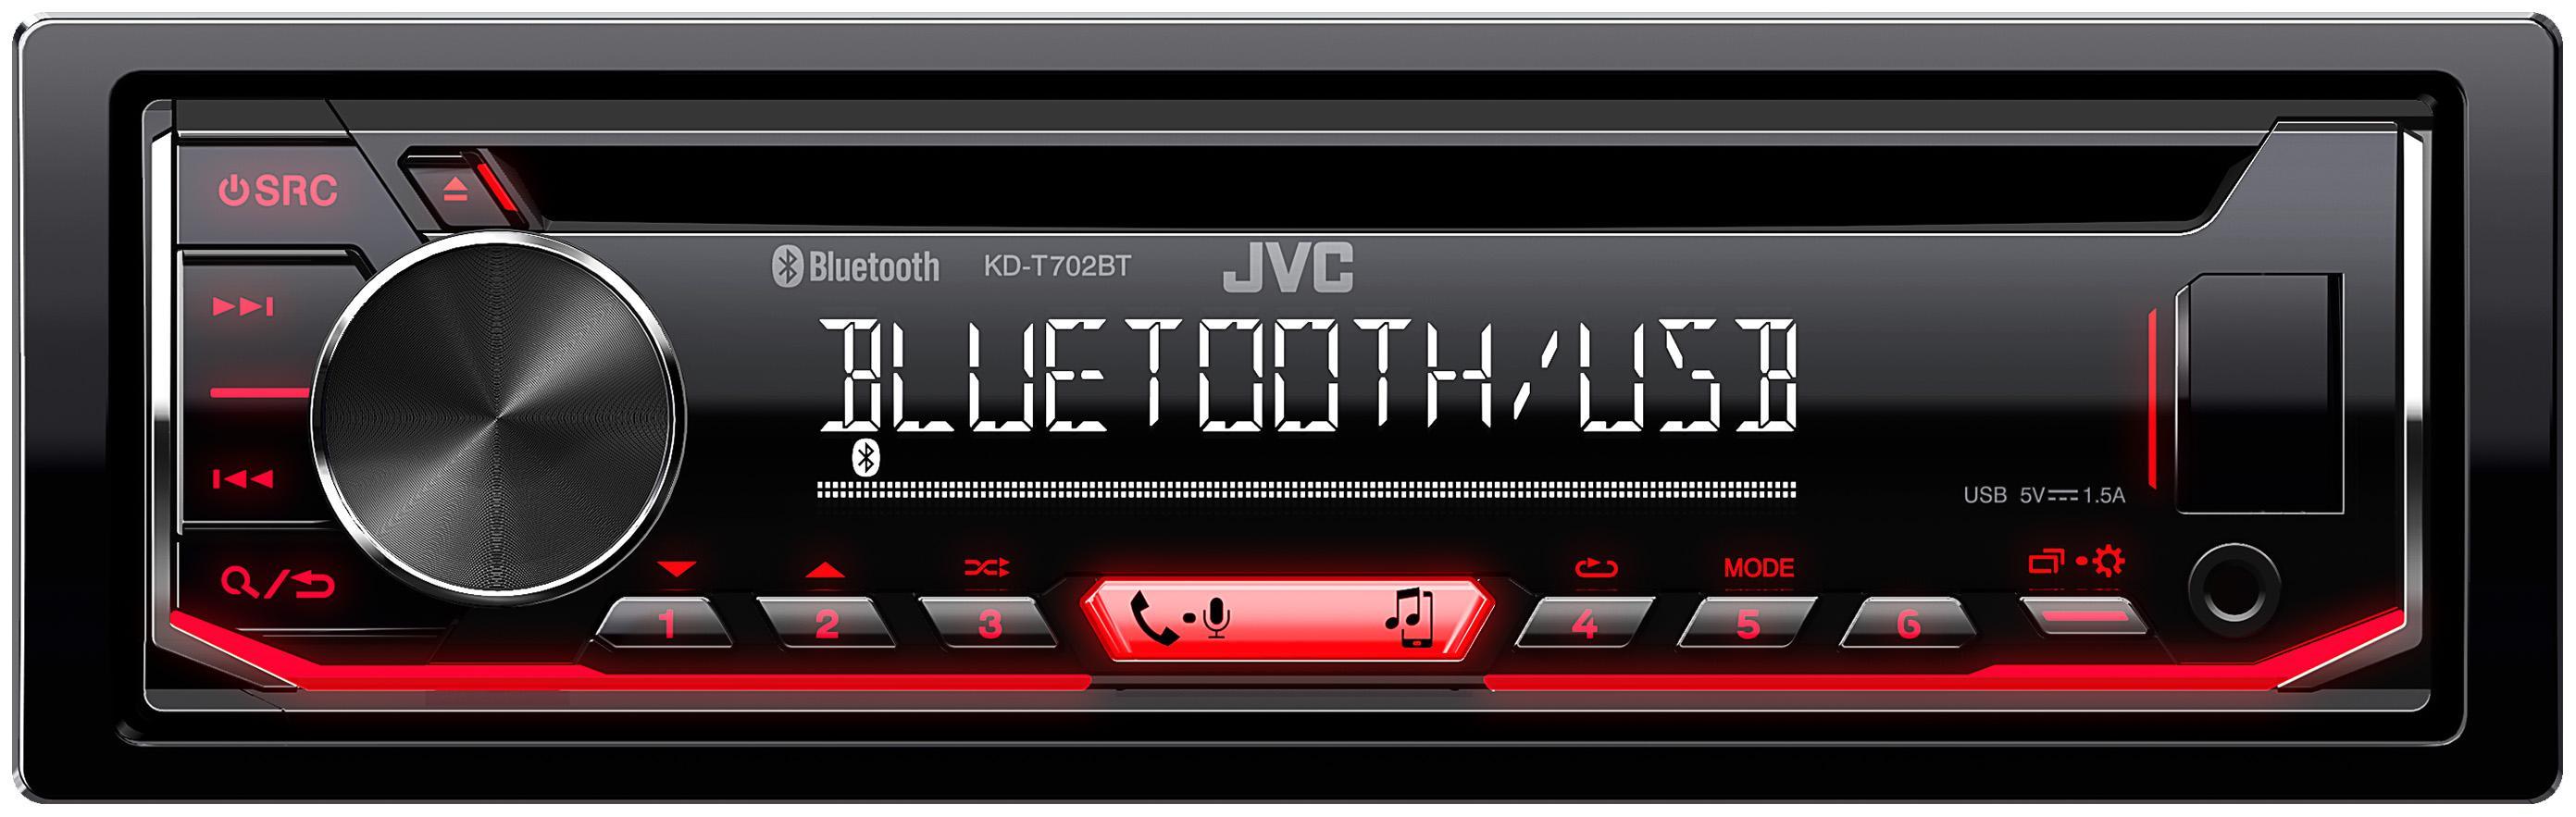 Stereot KD-T702BT JVC KD-T702BT alkuperäisen laatuiset